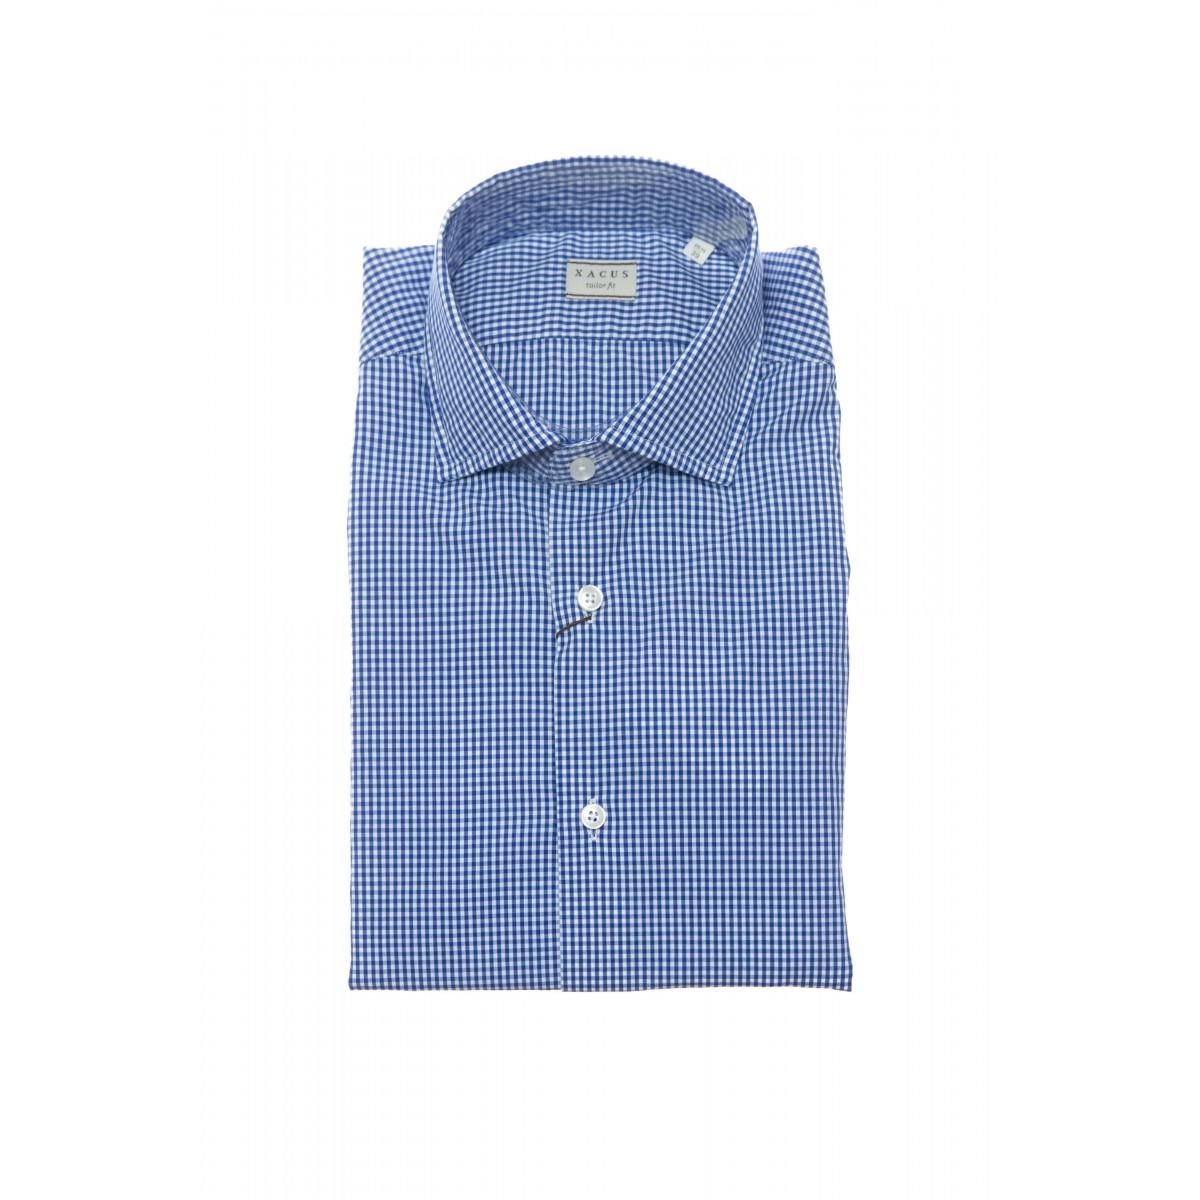 Camicia uomo - 11232 748 camicia lavata